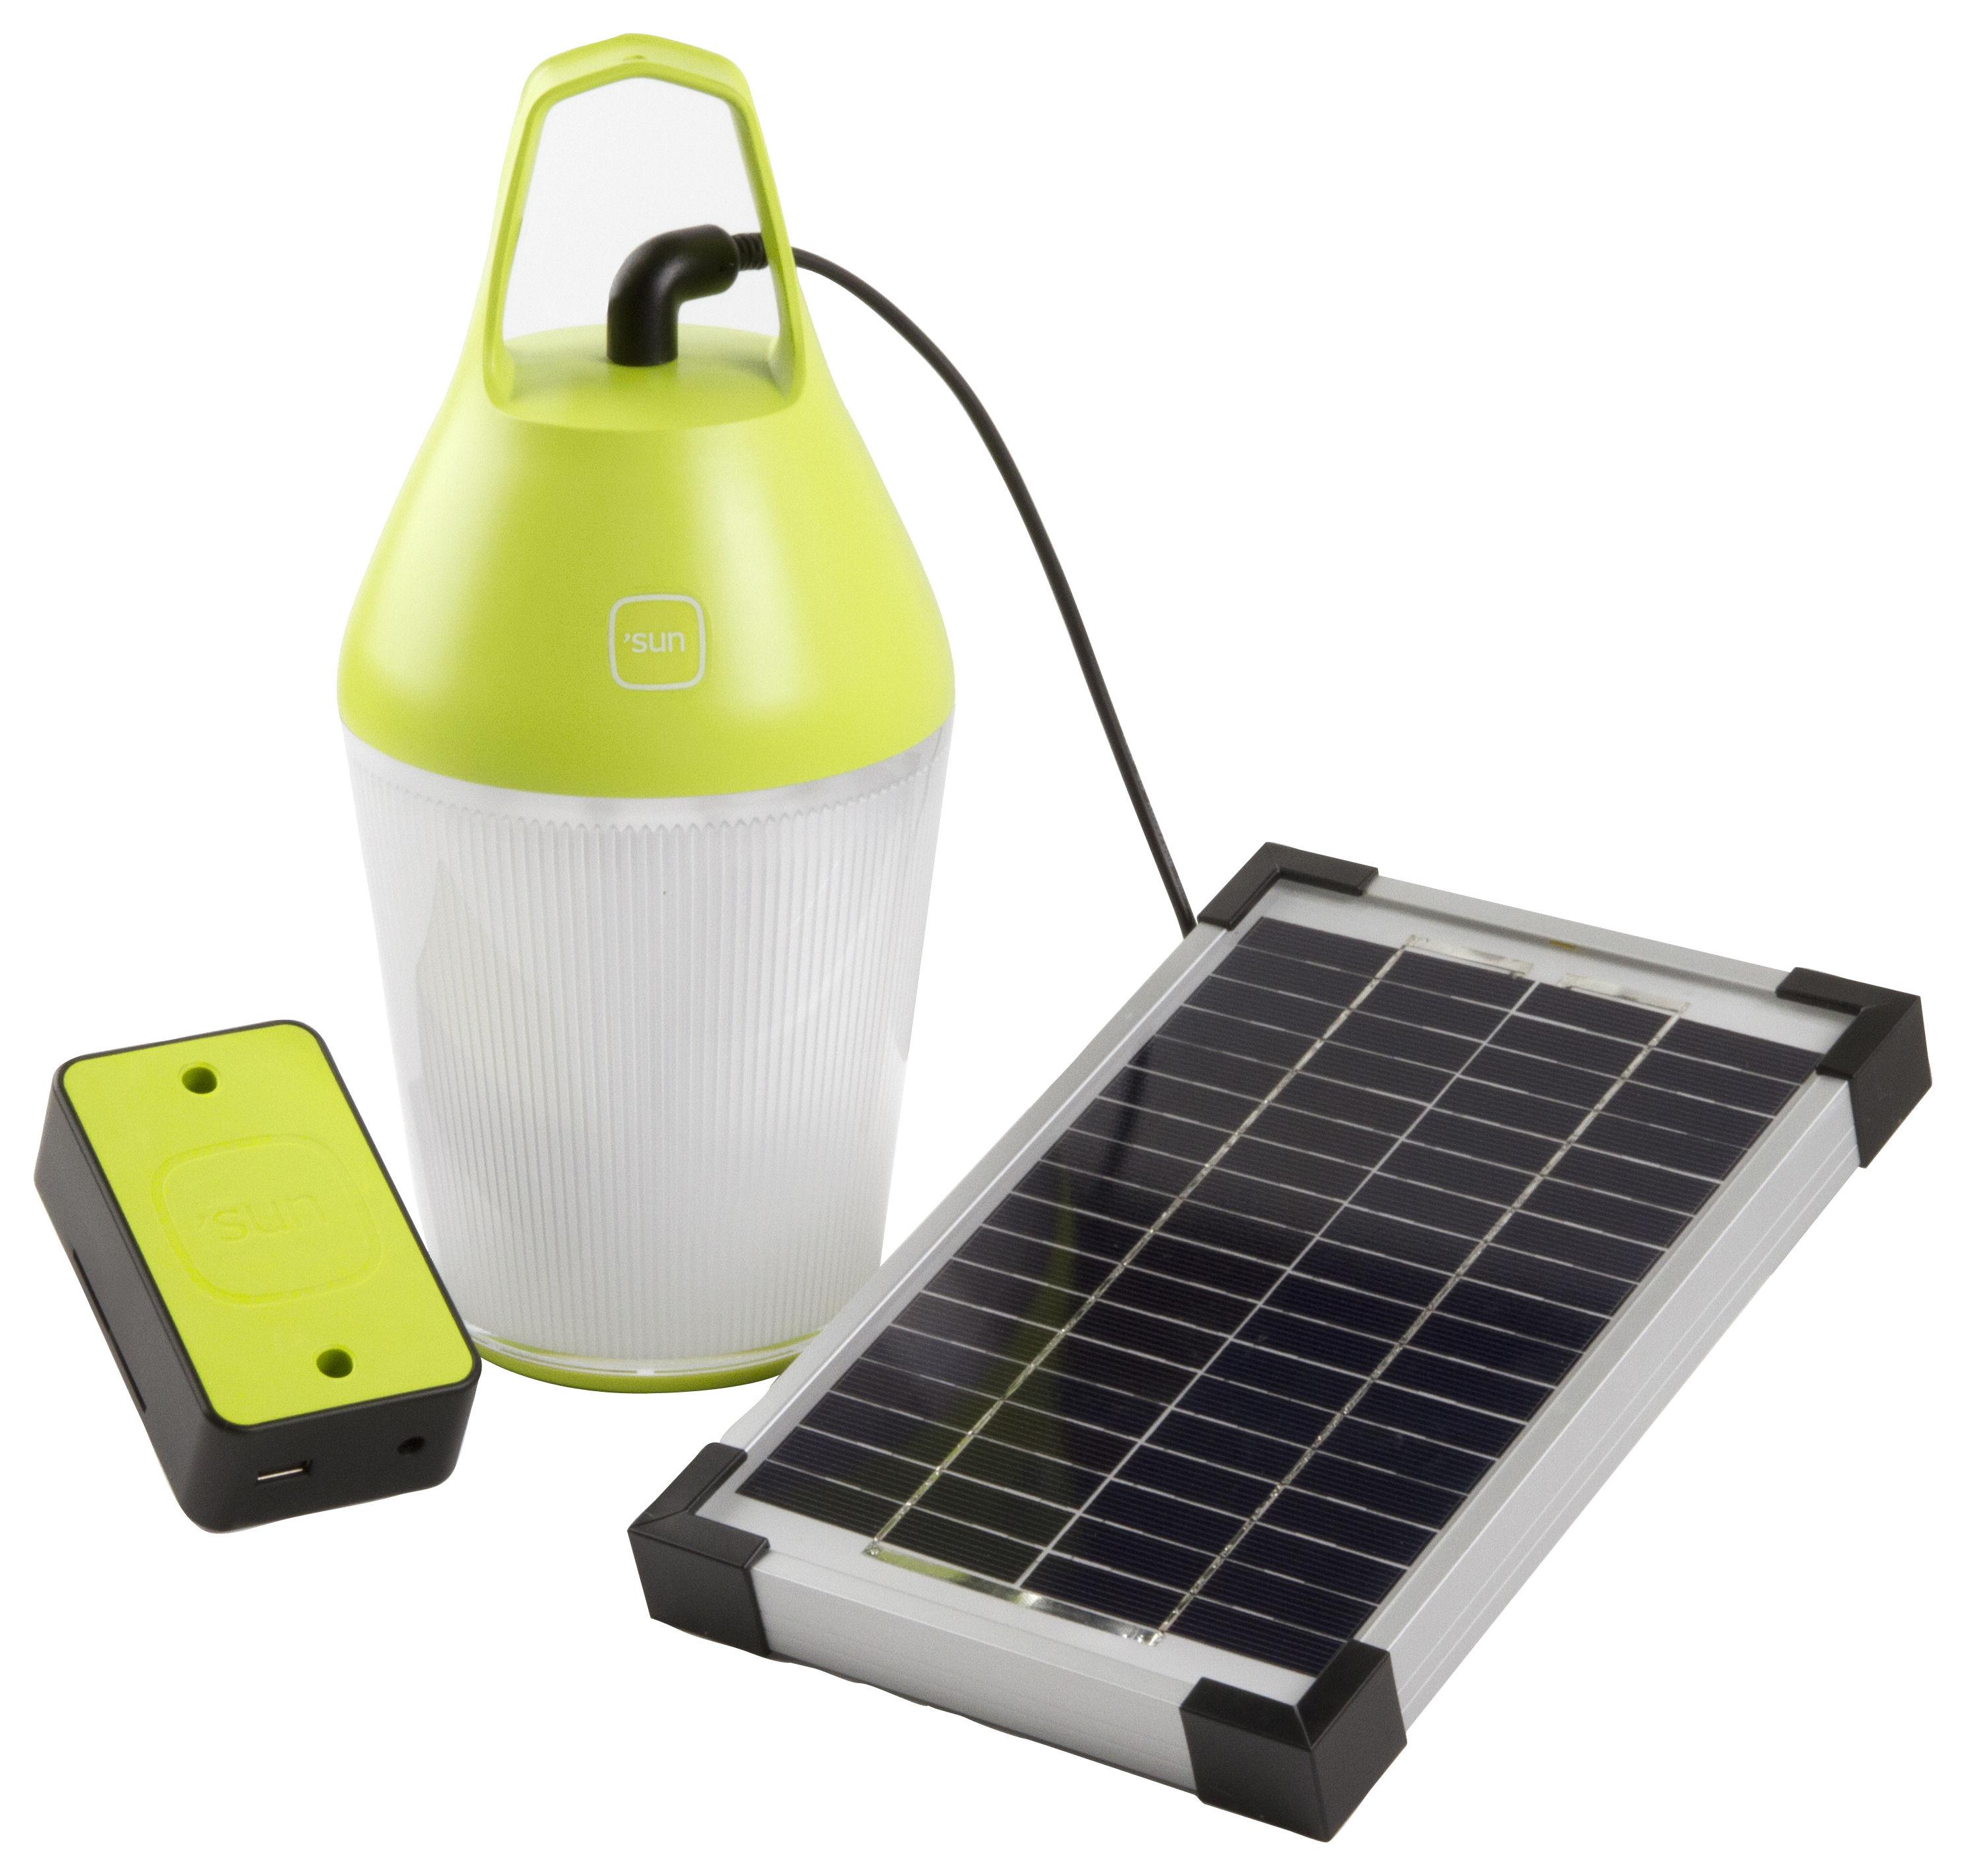 lampe solaire nomad sans fil chargeur d 39 appareils mobiles energie secteur ou solaire vert. Black Bedroom Furniture Sets. Home Design Ideas